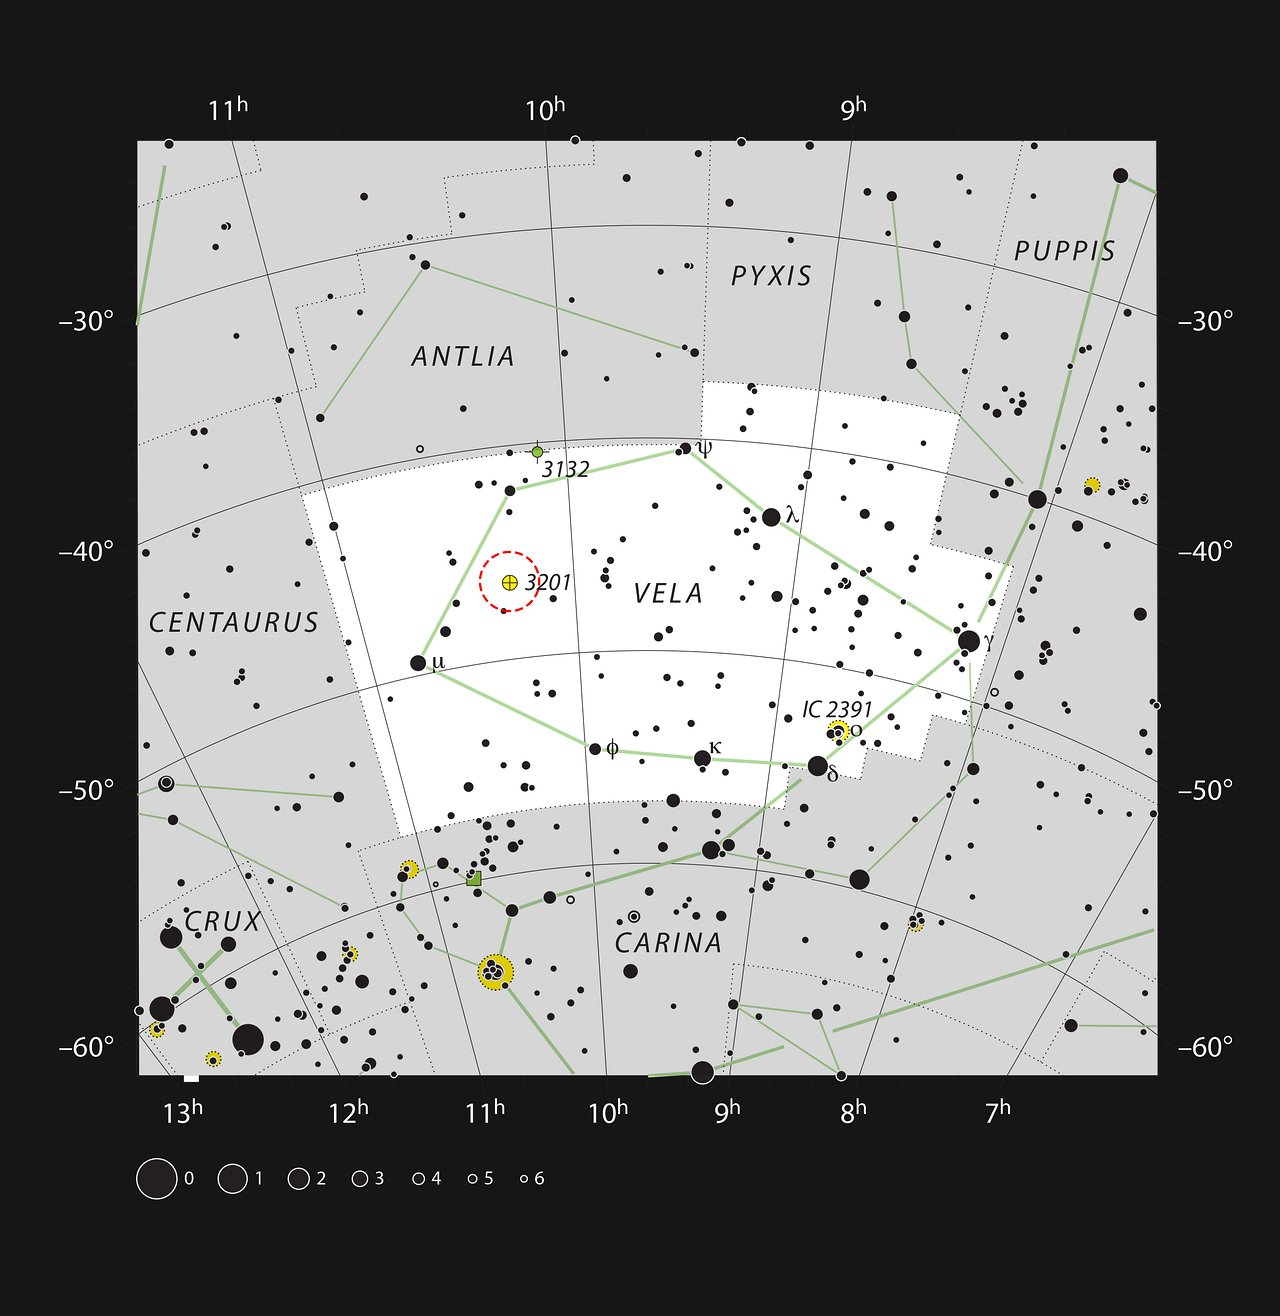 NGC 3201 en la constelación Vela